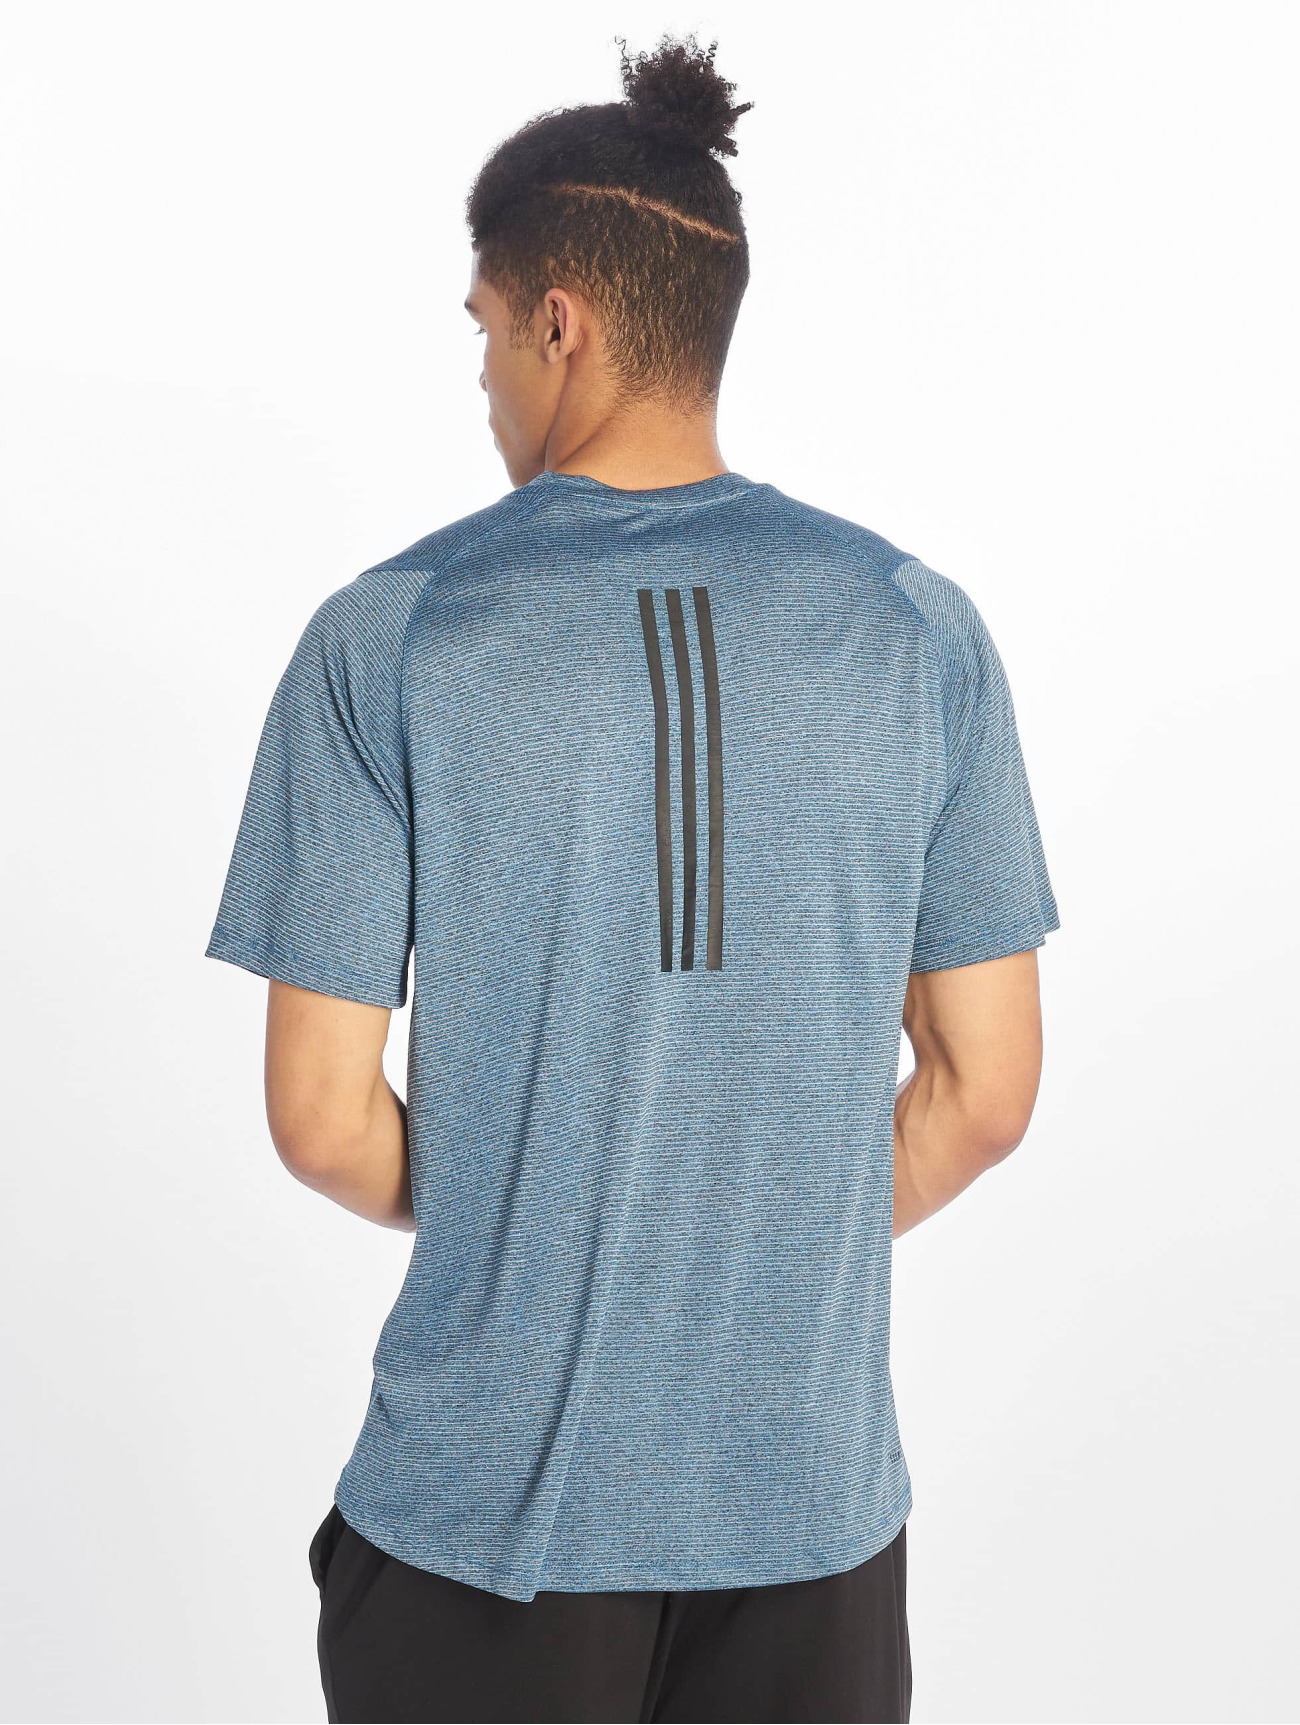 adidas Performance Överdel / T-shirt Tec  i blå 617842 Män Överdelar